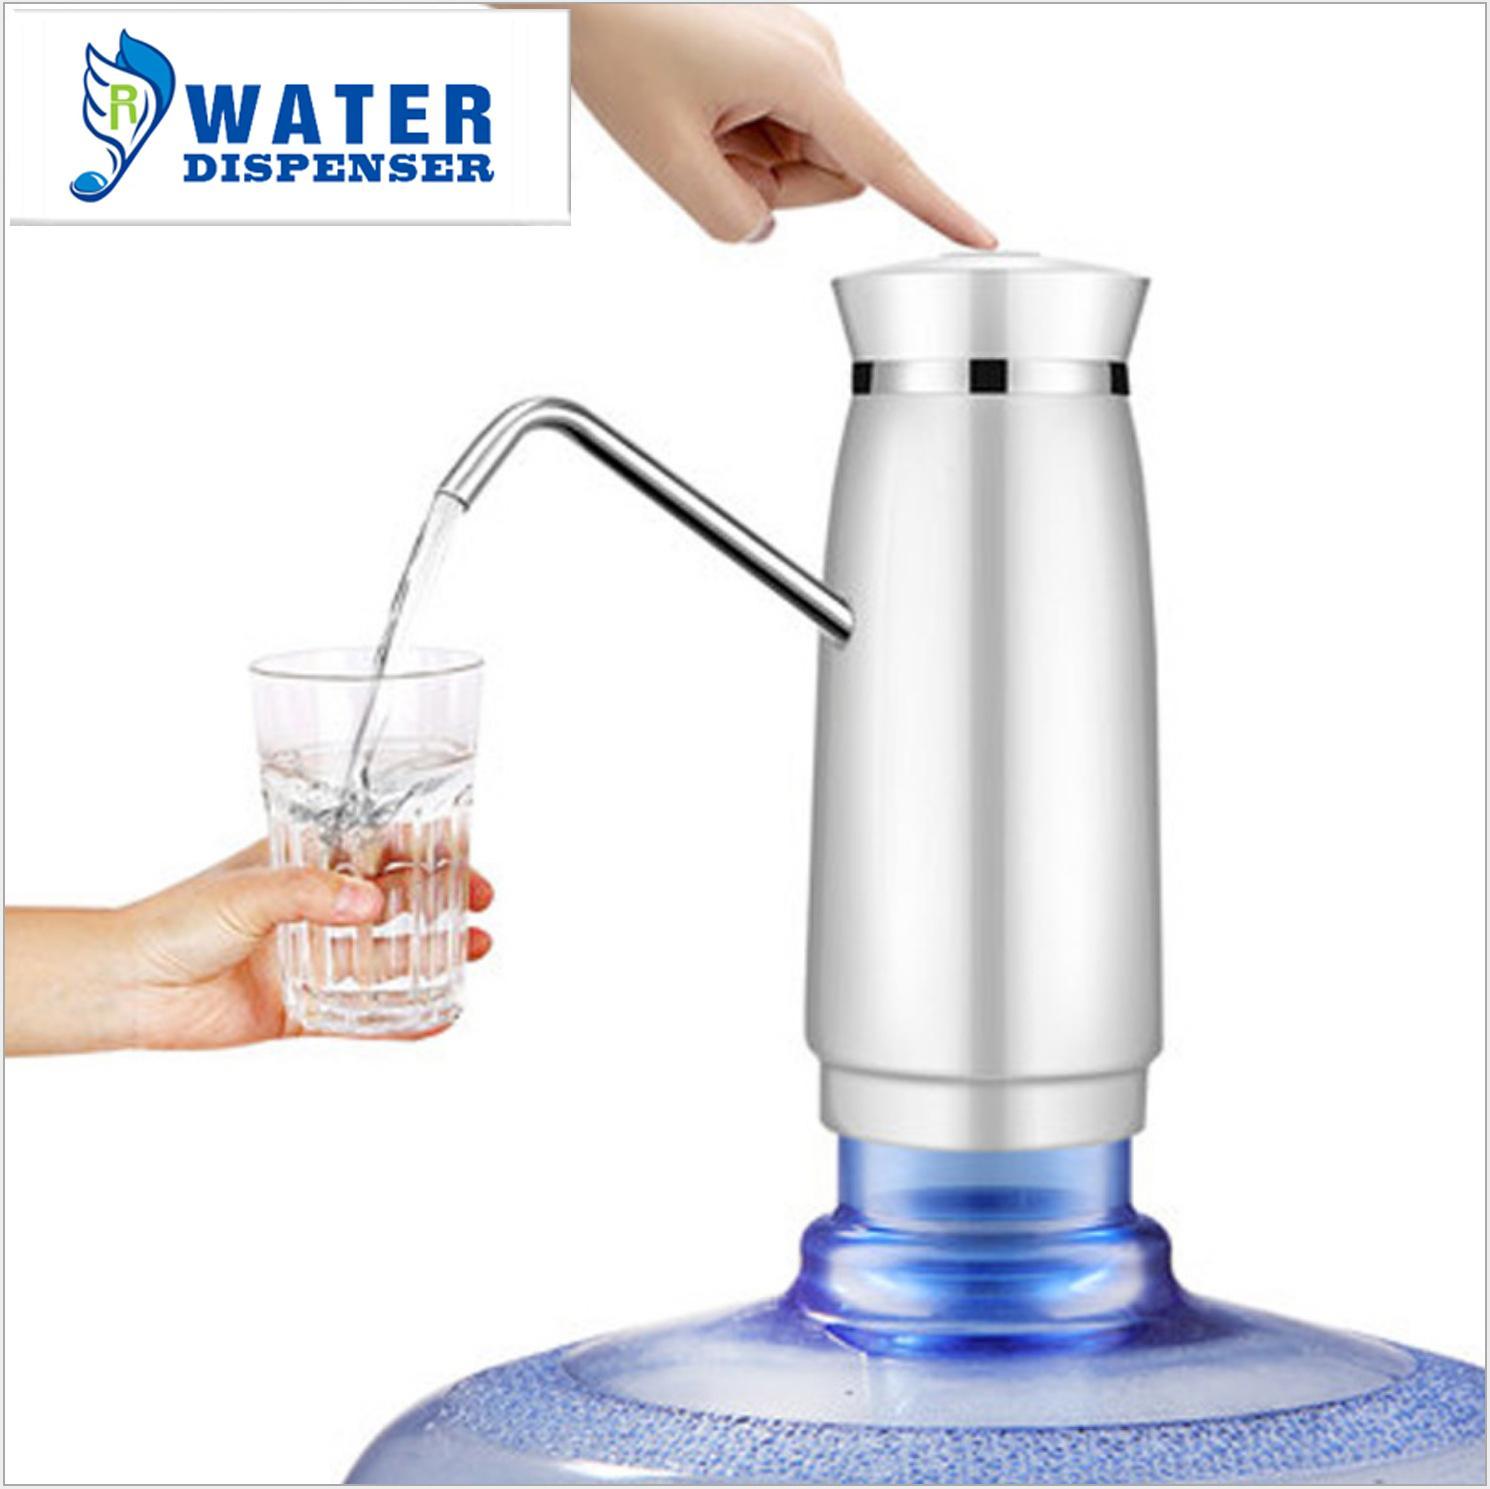 批發智能定量 電動吸水飲水機水龍頭自動上水壓水器 桶裝水抽水器 5